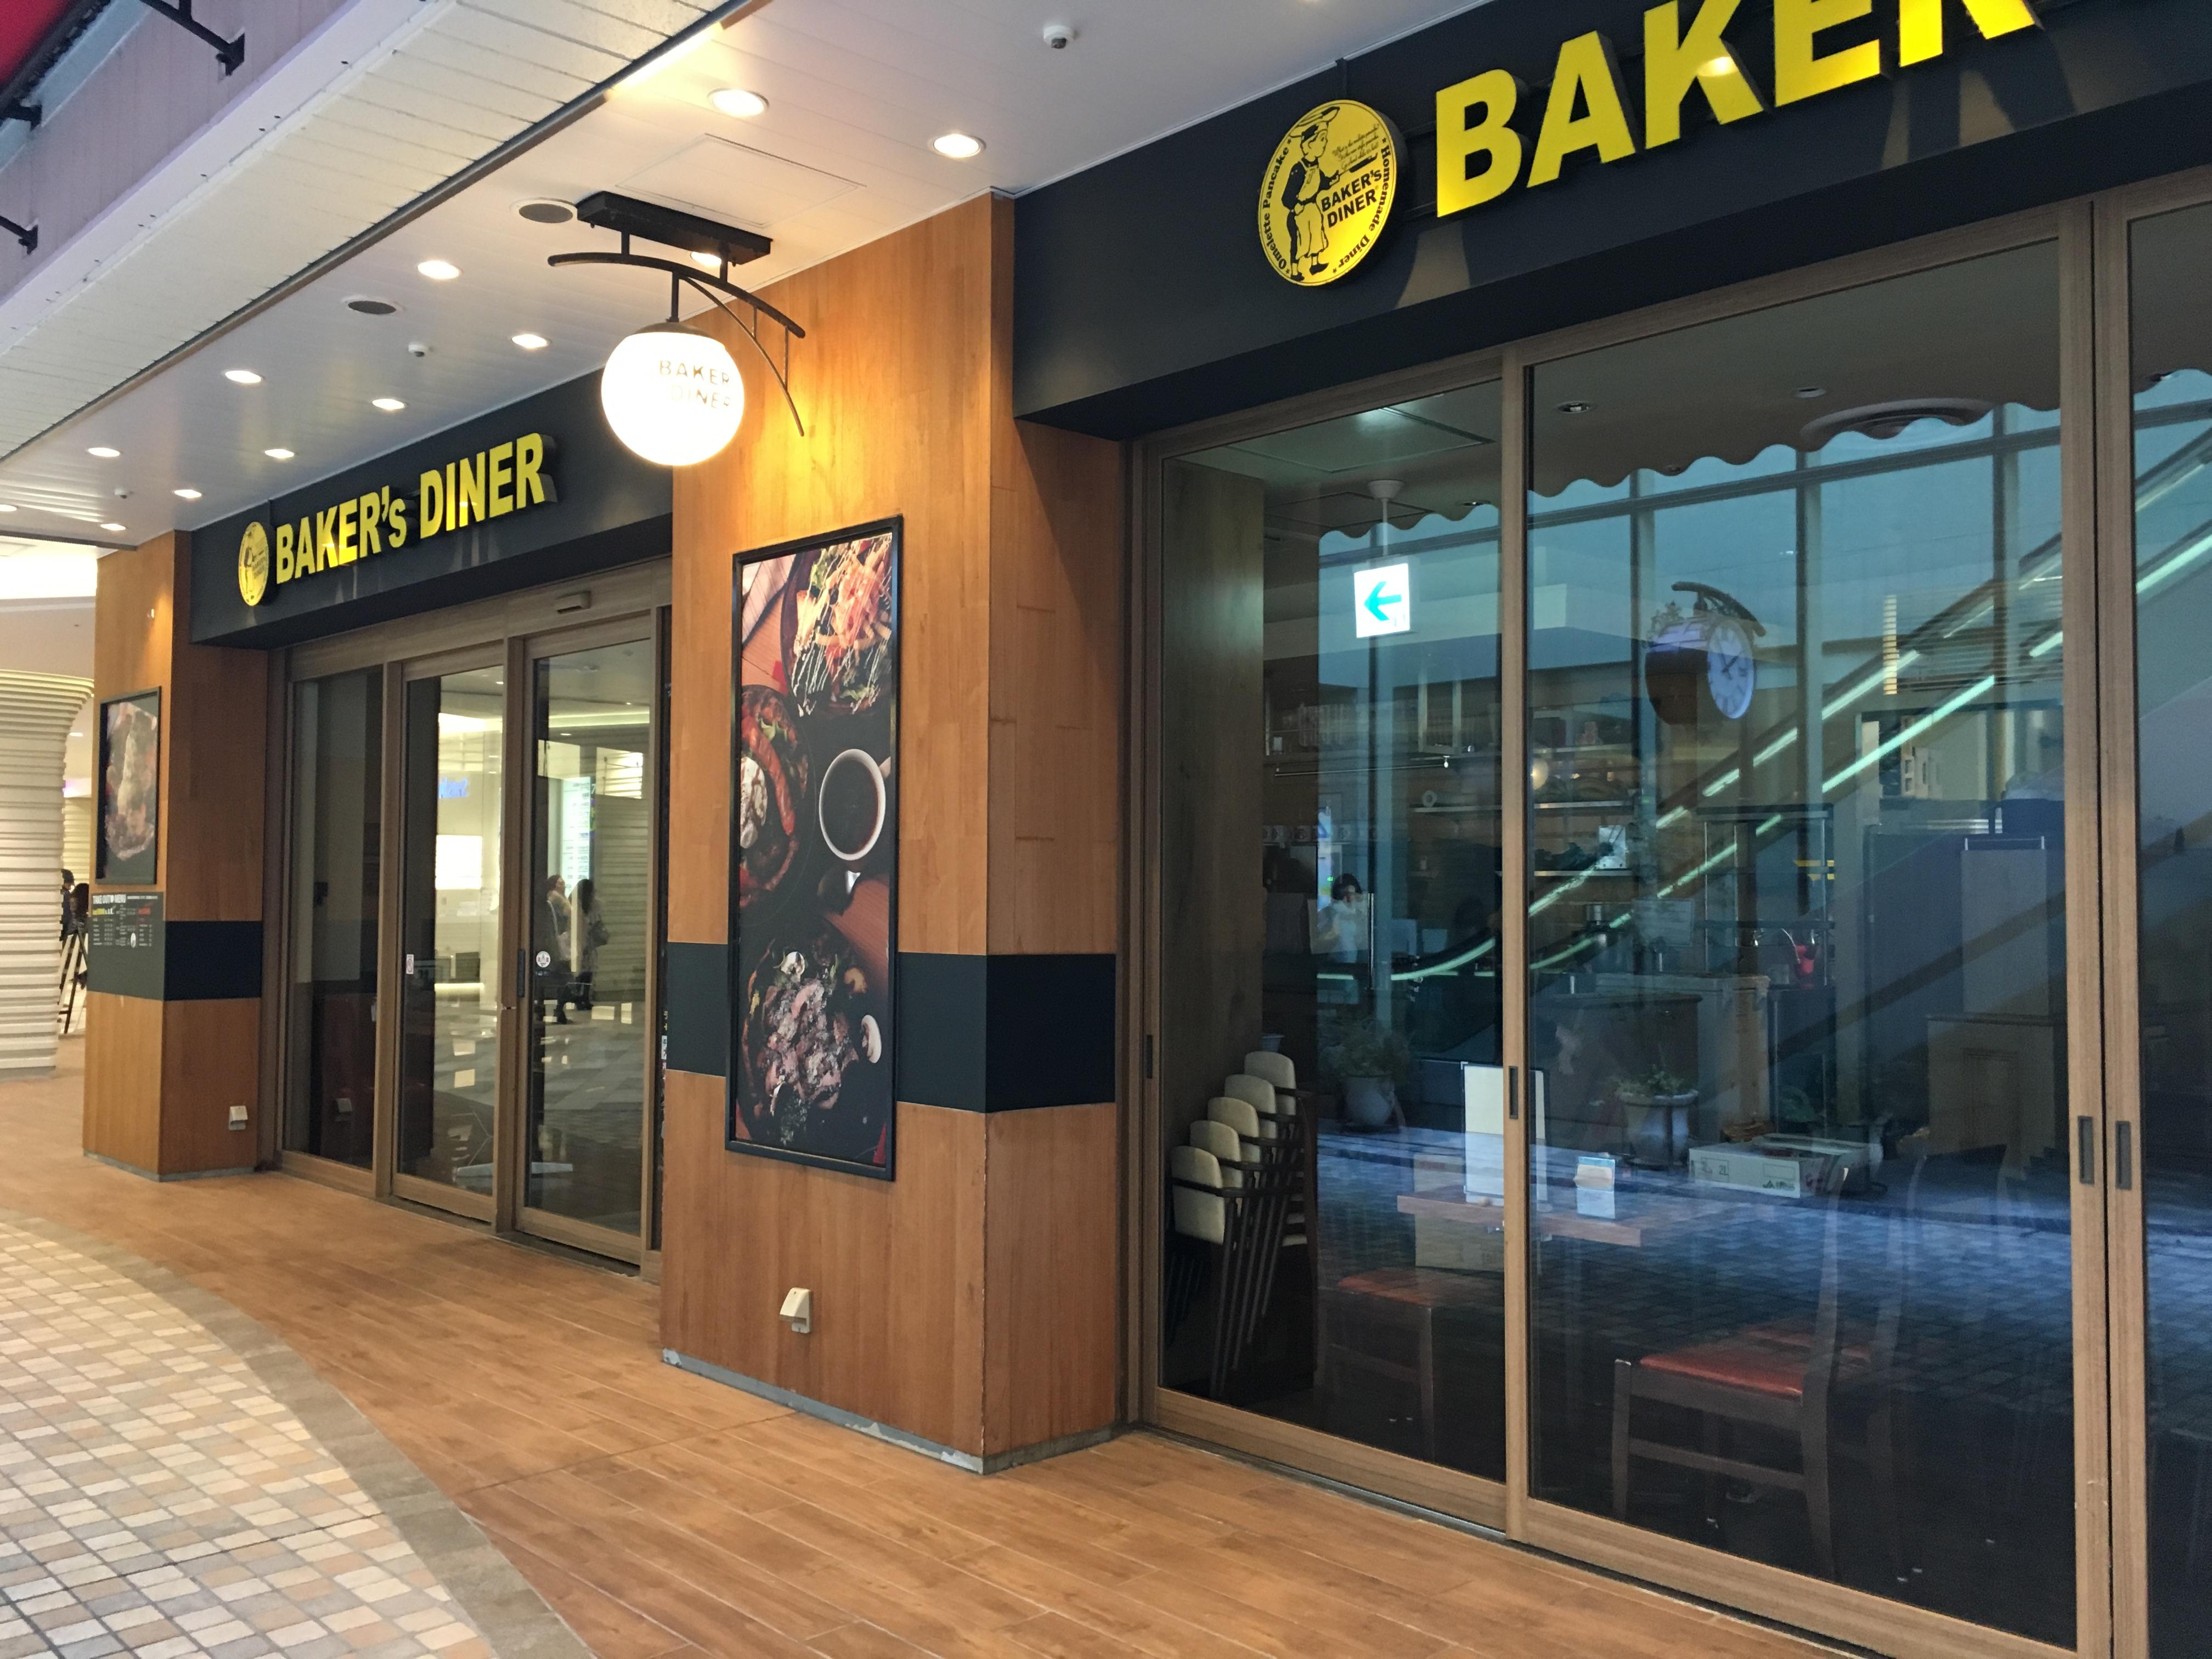 サンシャインシティでひと息入れるいい感じカフェ「BAKER's DINER」